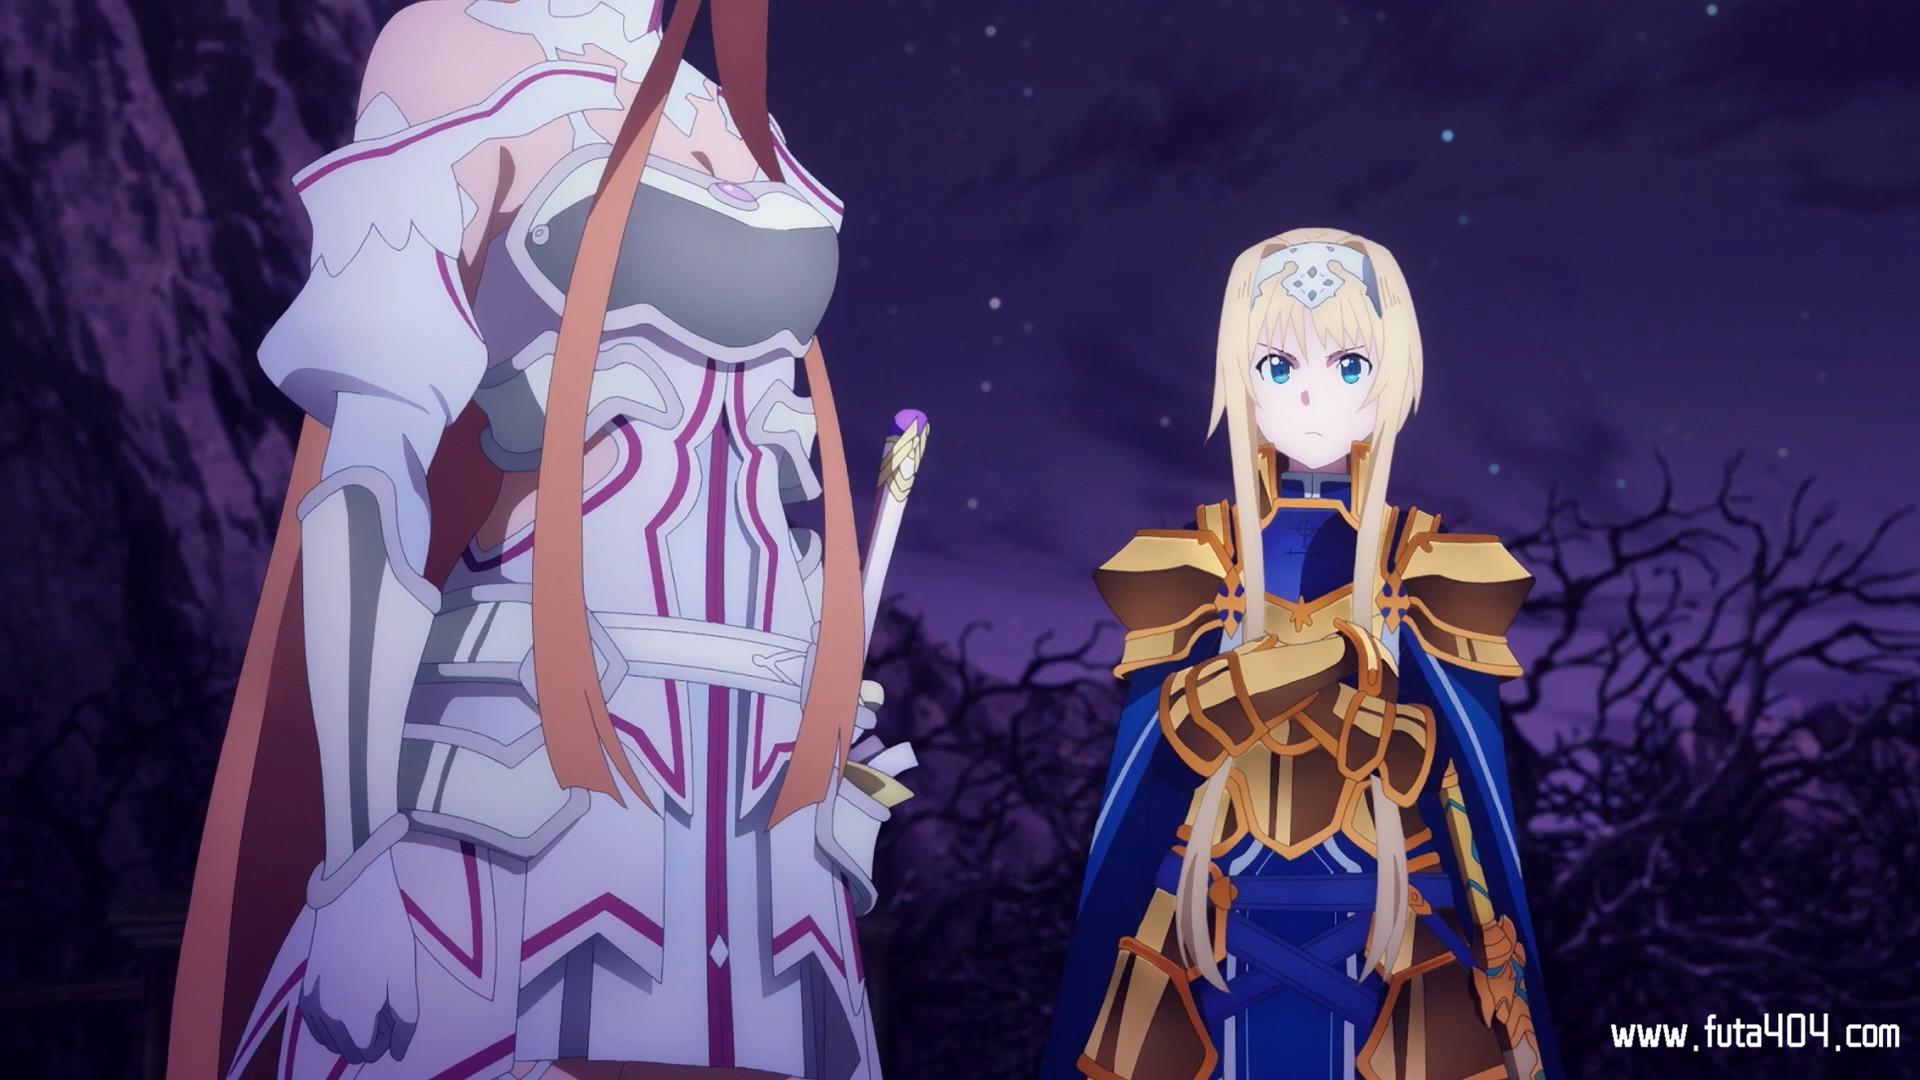 刀剑神域第三季爱丽丝篇异界战争 第10话 刀剑神域第三季 动画在线 第1张